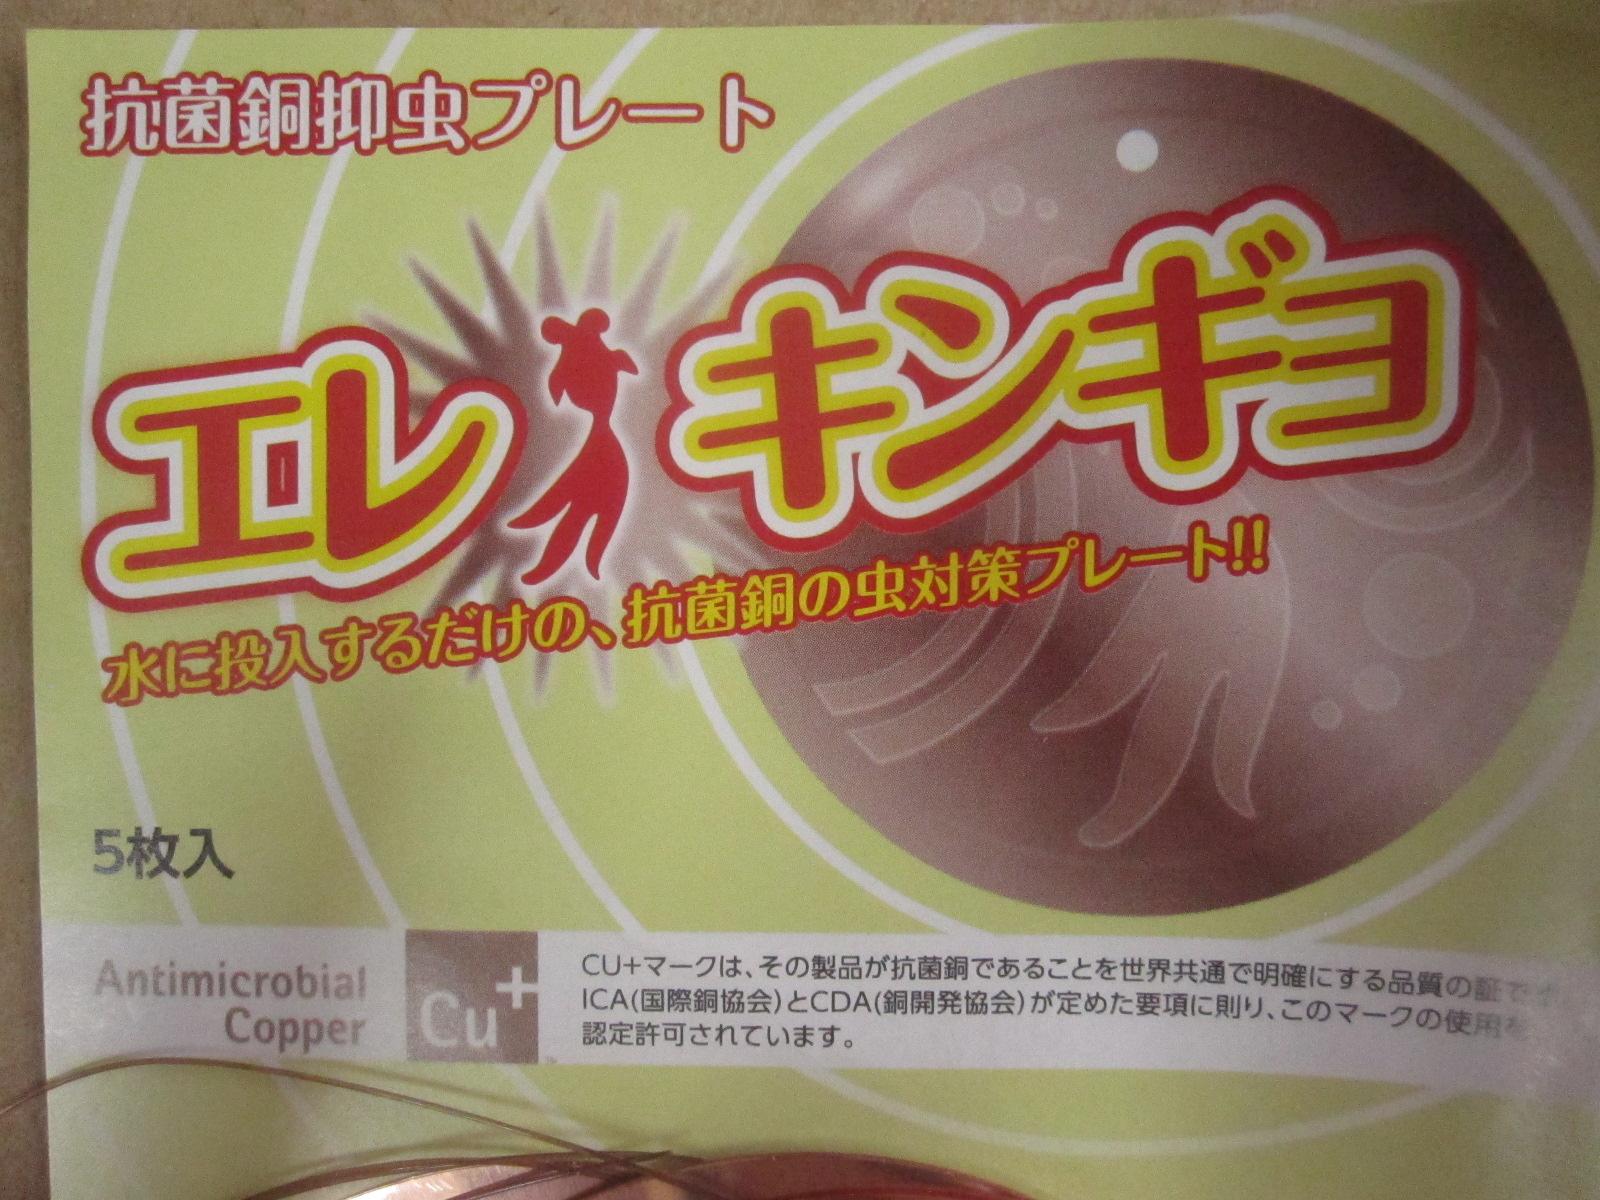 銅のチカラが作用して嫌な羽虫を予防する害虫対策商品